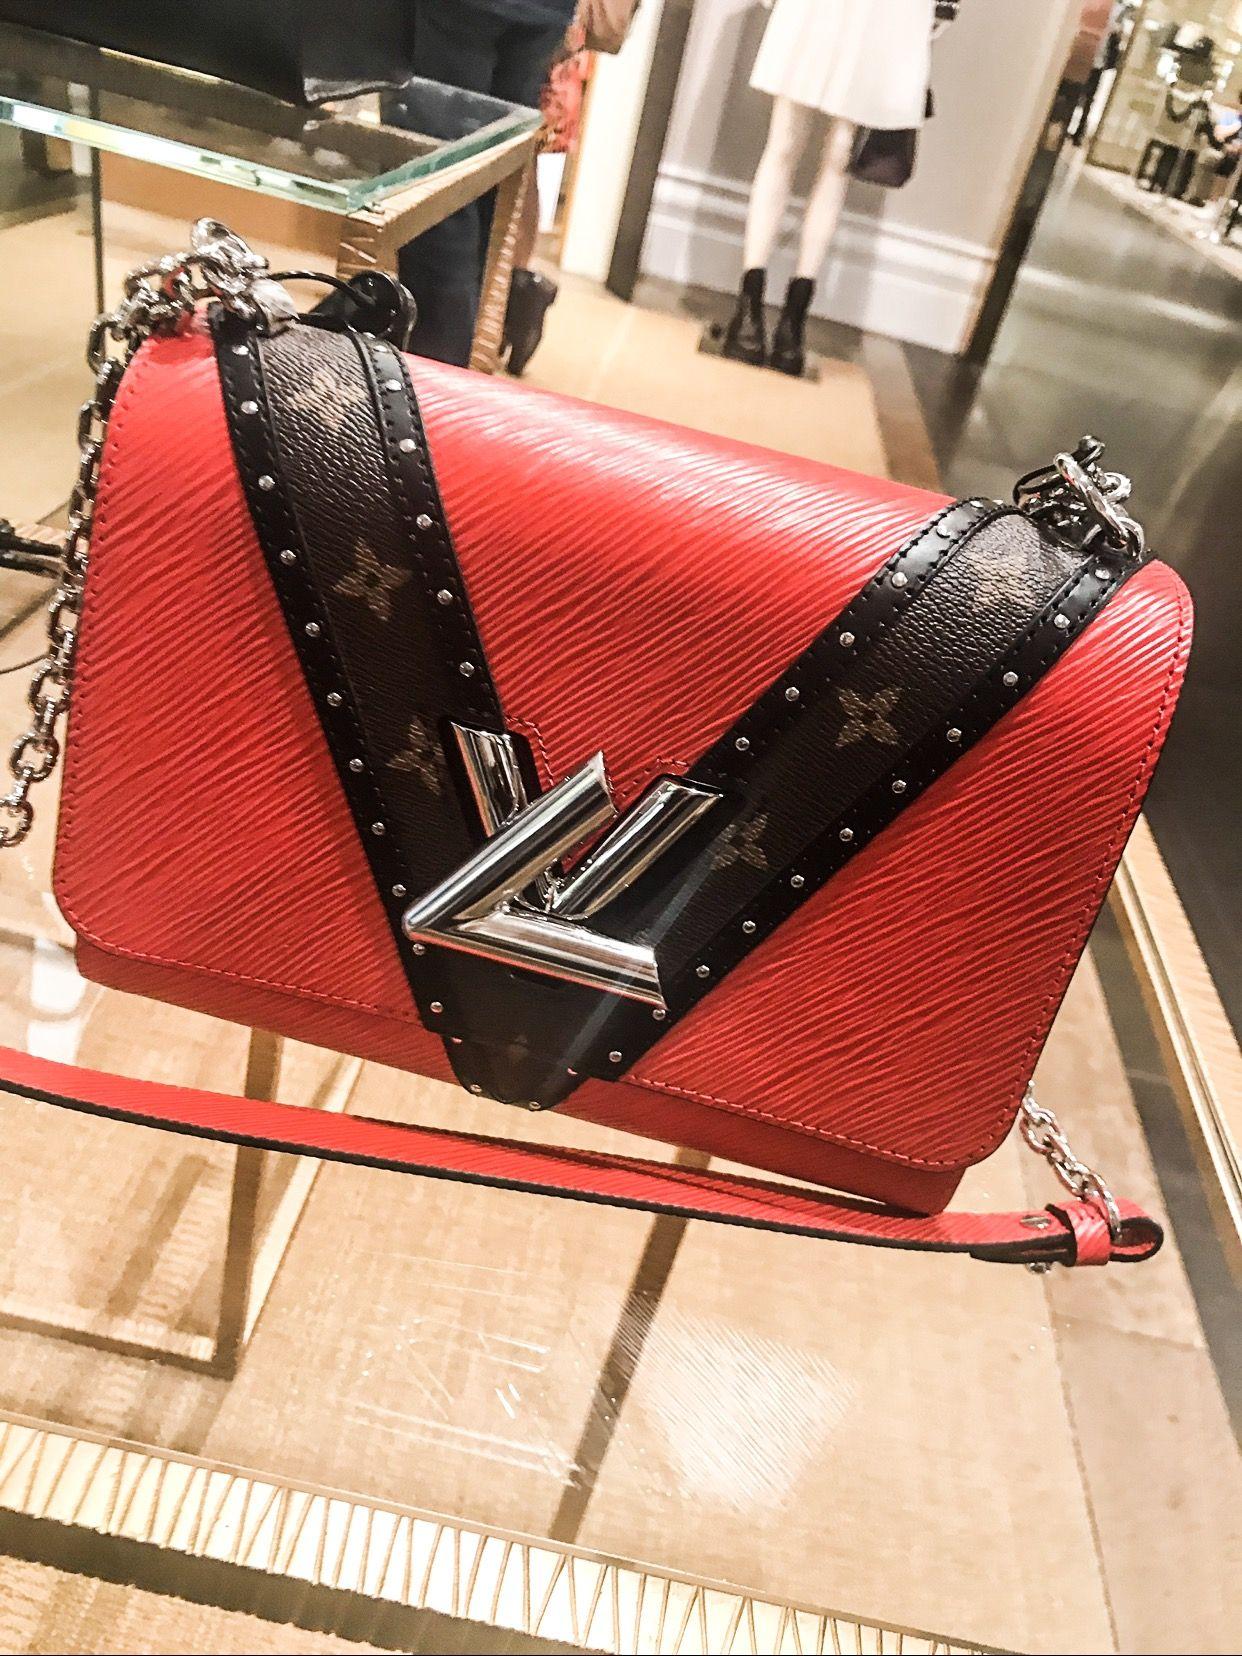 Louis Vuitton Bag In London Harrods Harrods London